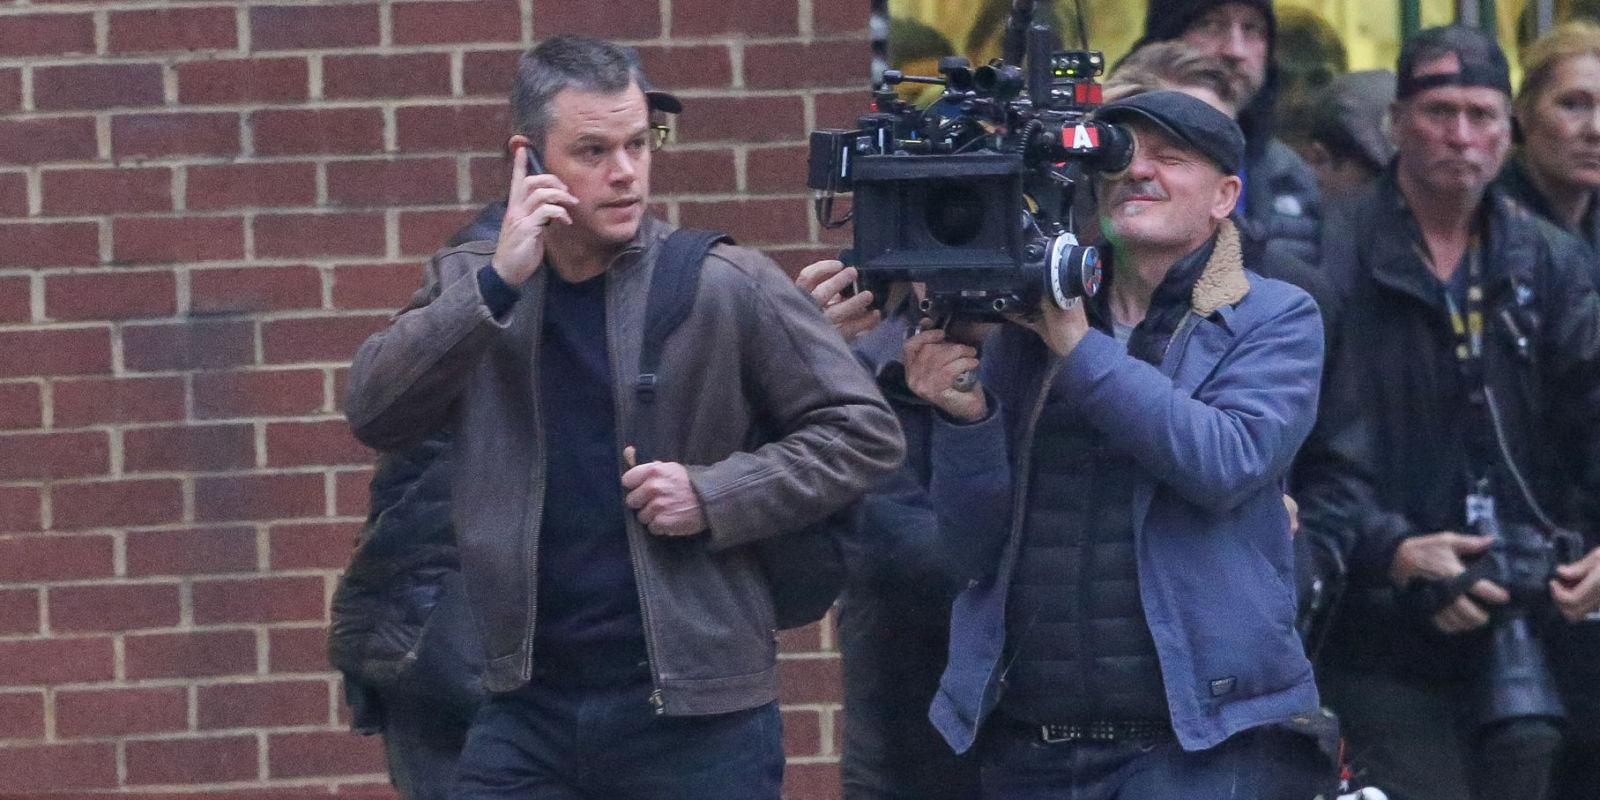 Untitled Jeremy Renner/Bourne Sequel Wallpaper